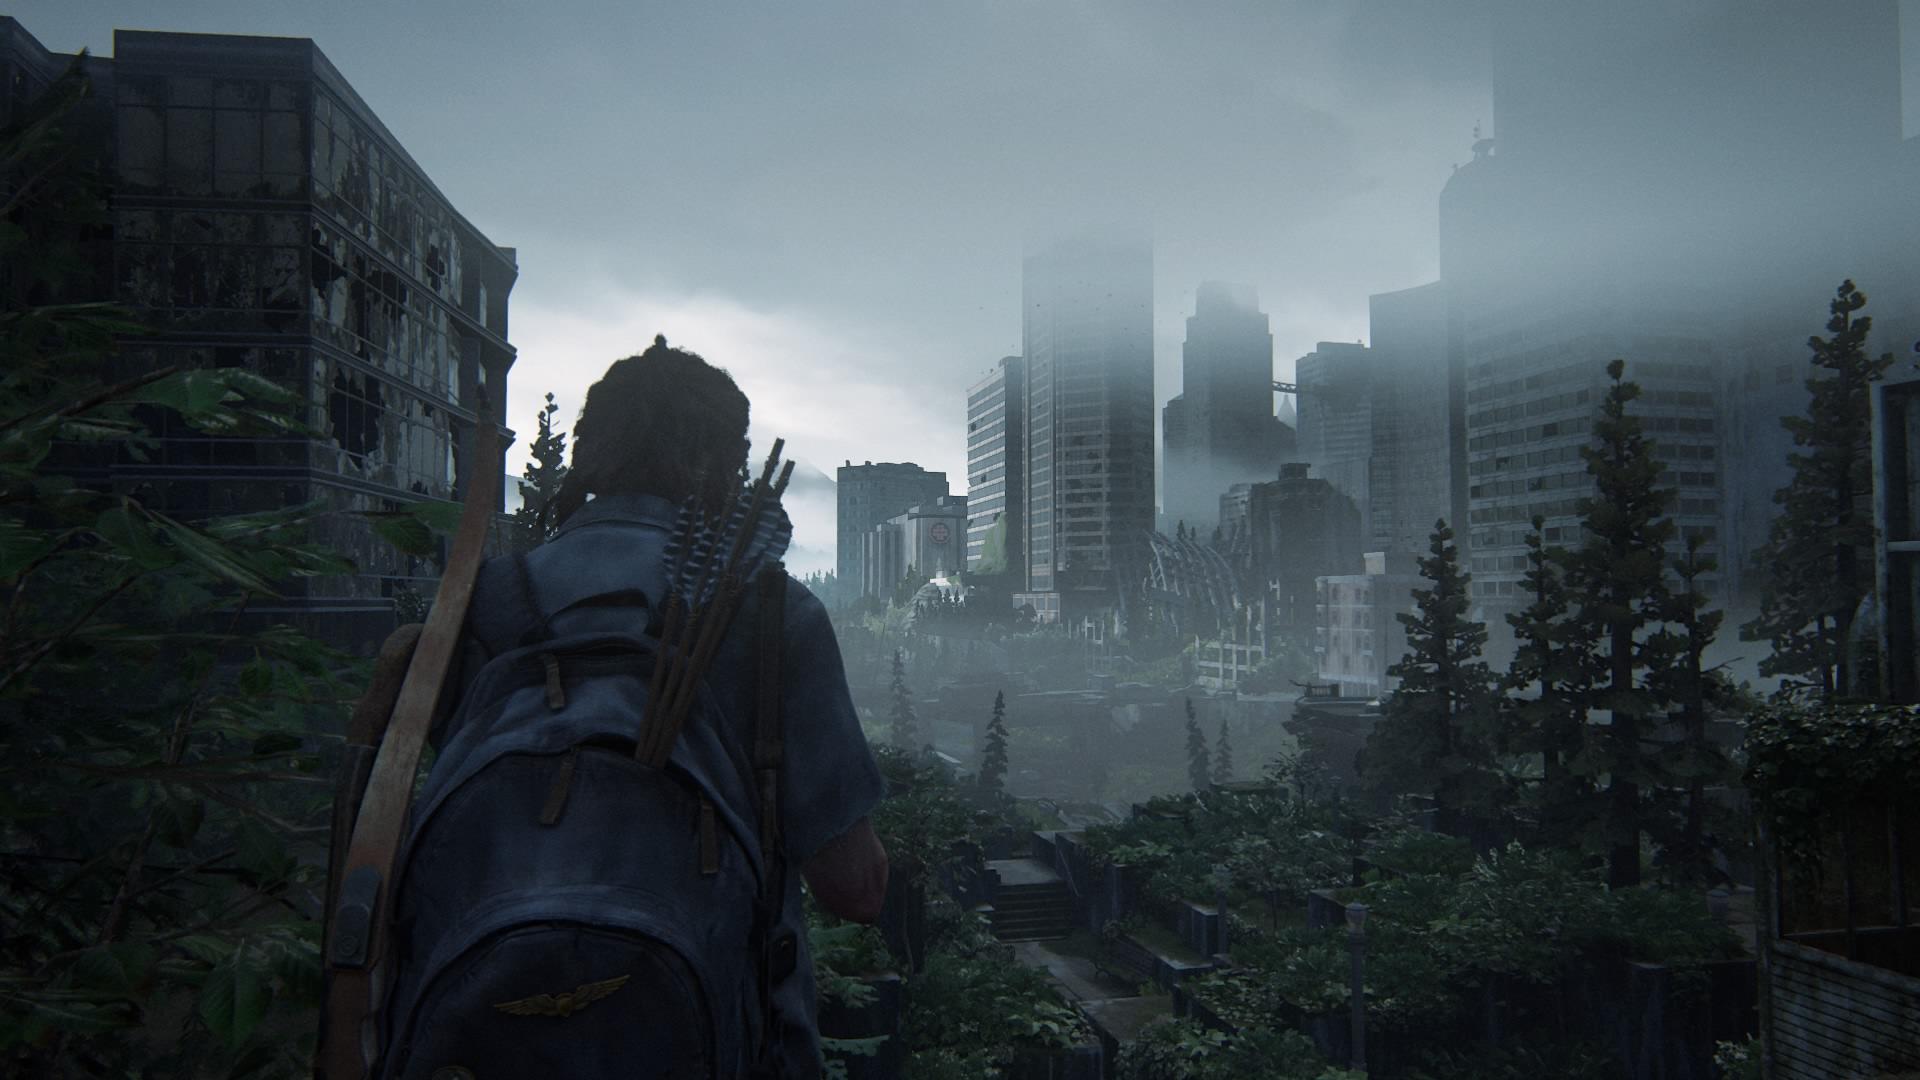 Есть ли сцена после титров The Last of Us 2 (Одни из нас 2)?